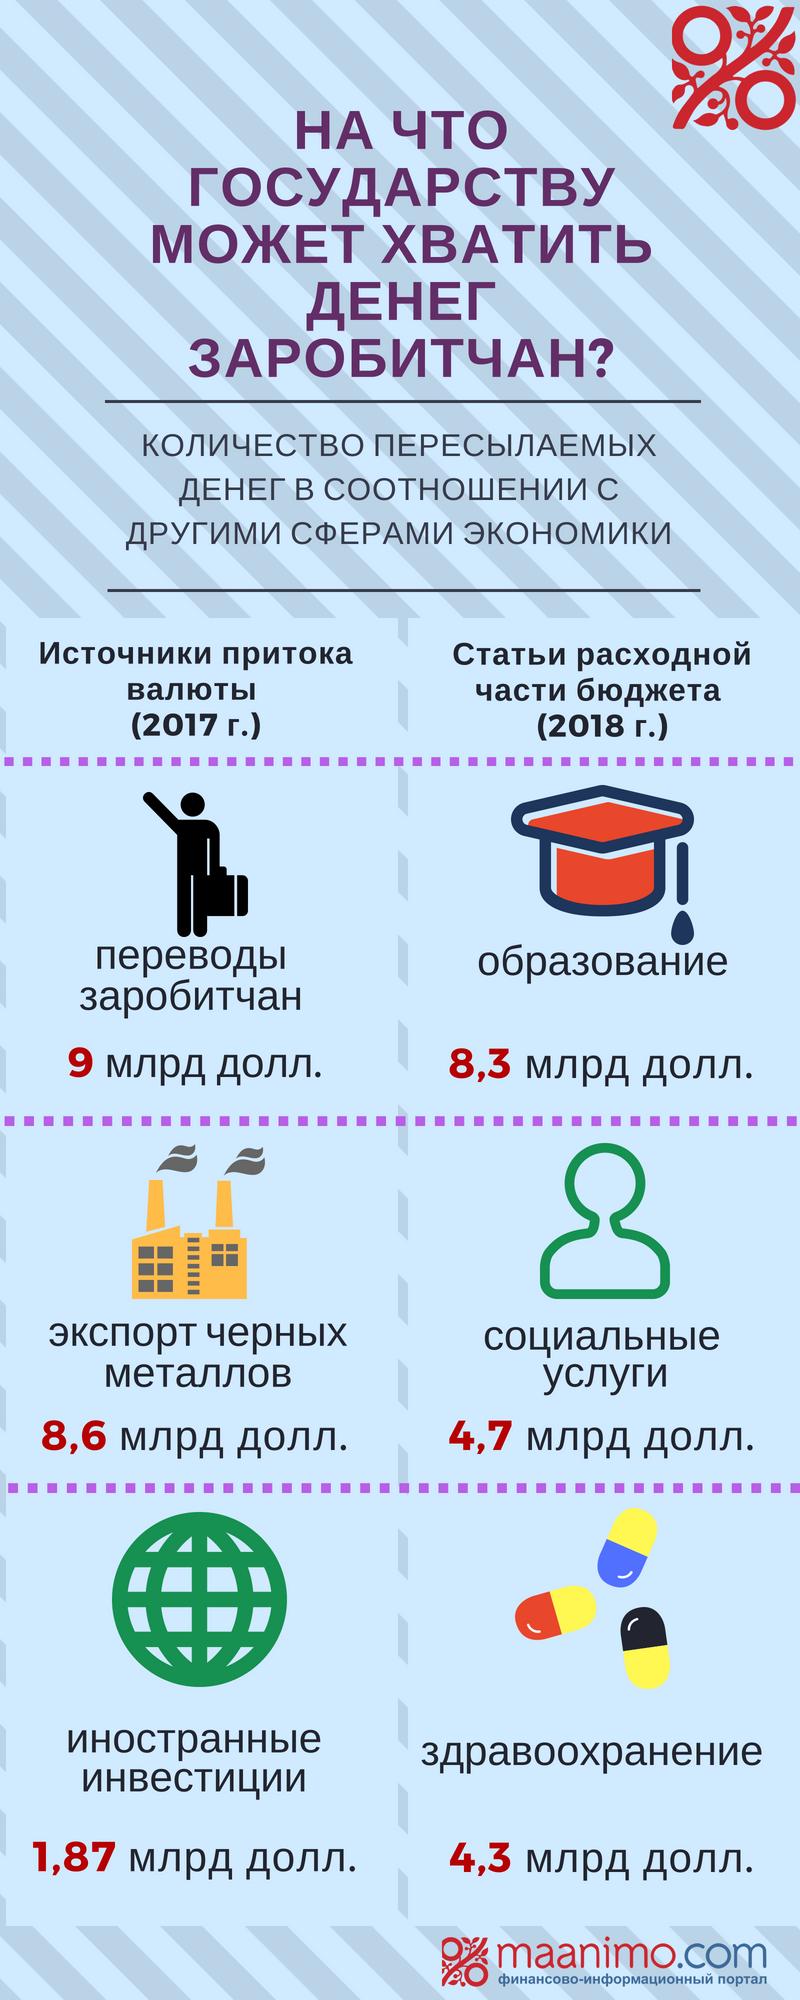 Инфографика: инвестиции заробитчан